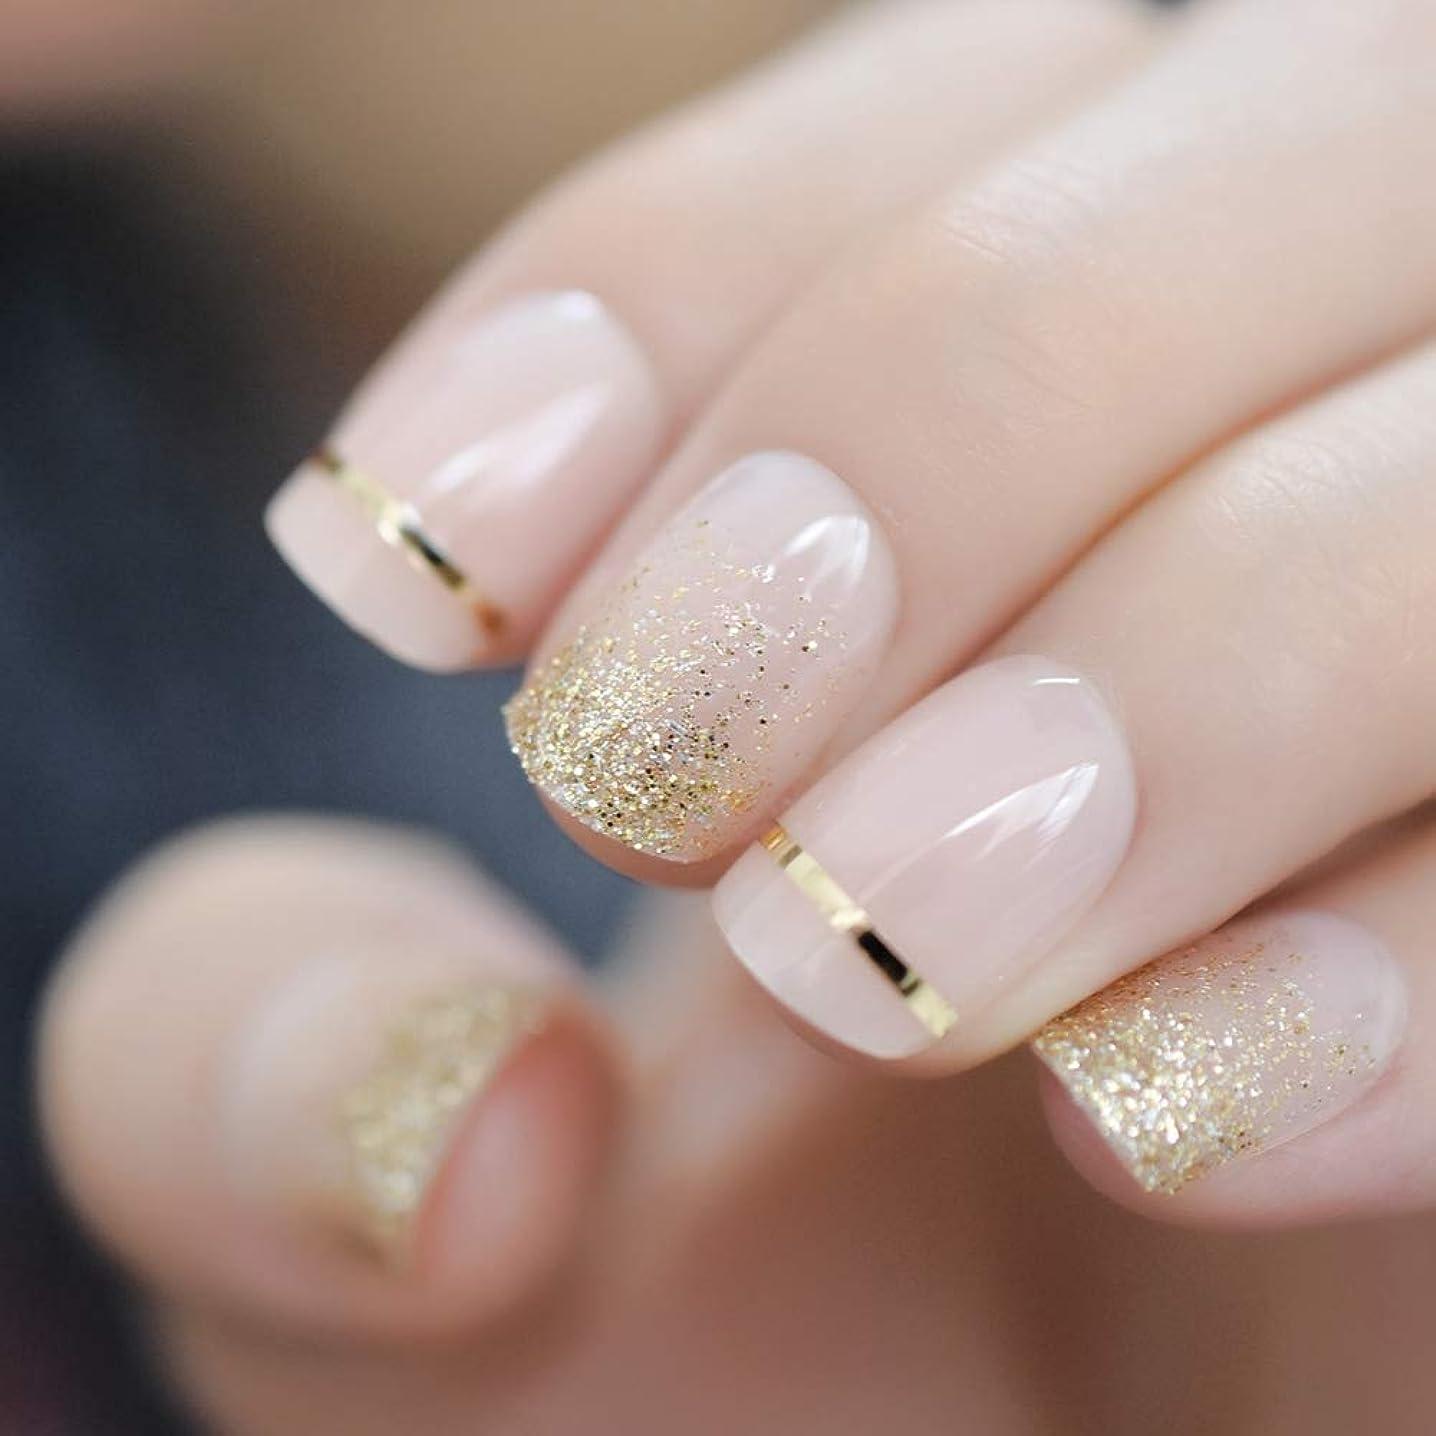 医療のタービン姉妹XUTXZKA ファッションショートネイルのヒント偽の爪ゴールドキラキラ人工プレス偽の爪に飾られたフルカバー